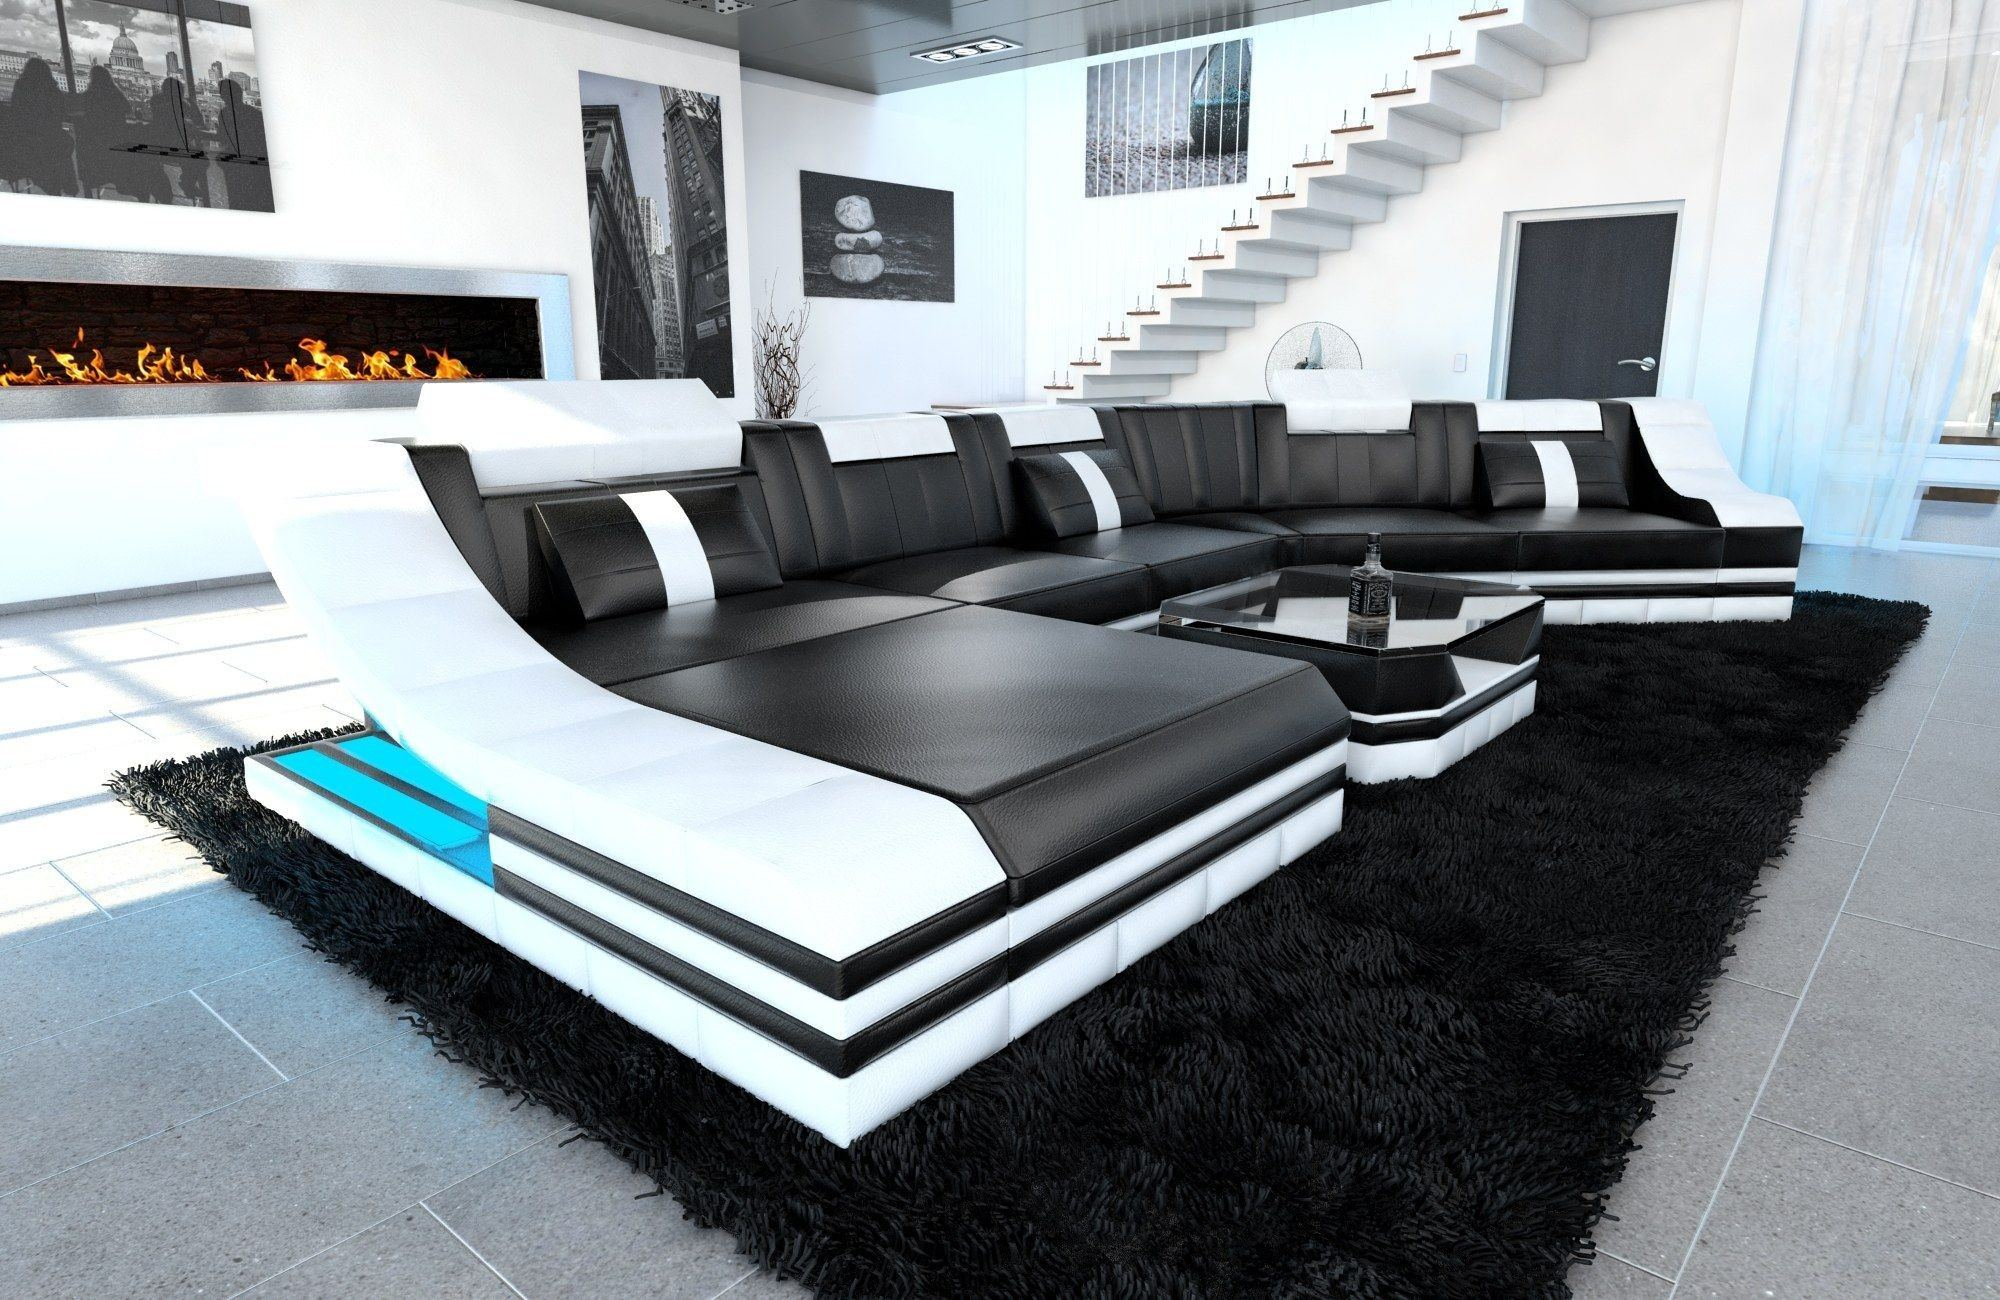 Xxl wohnlandschaft turino cl leder schwarz wei mit - Black and white modern living room furniture ...